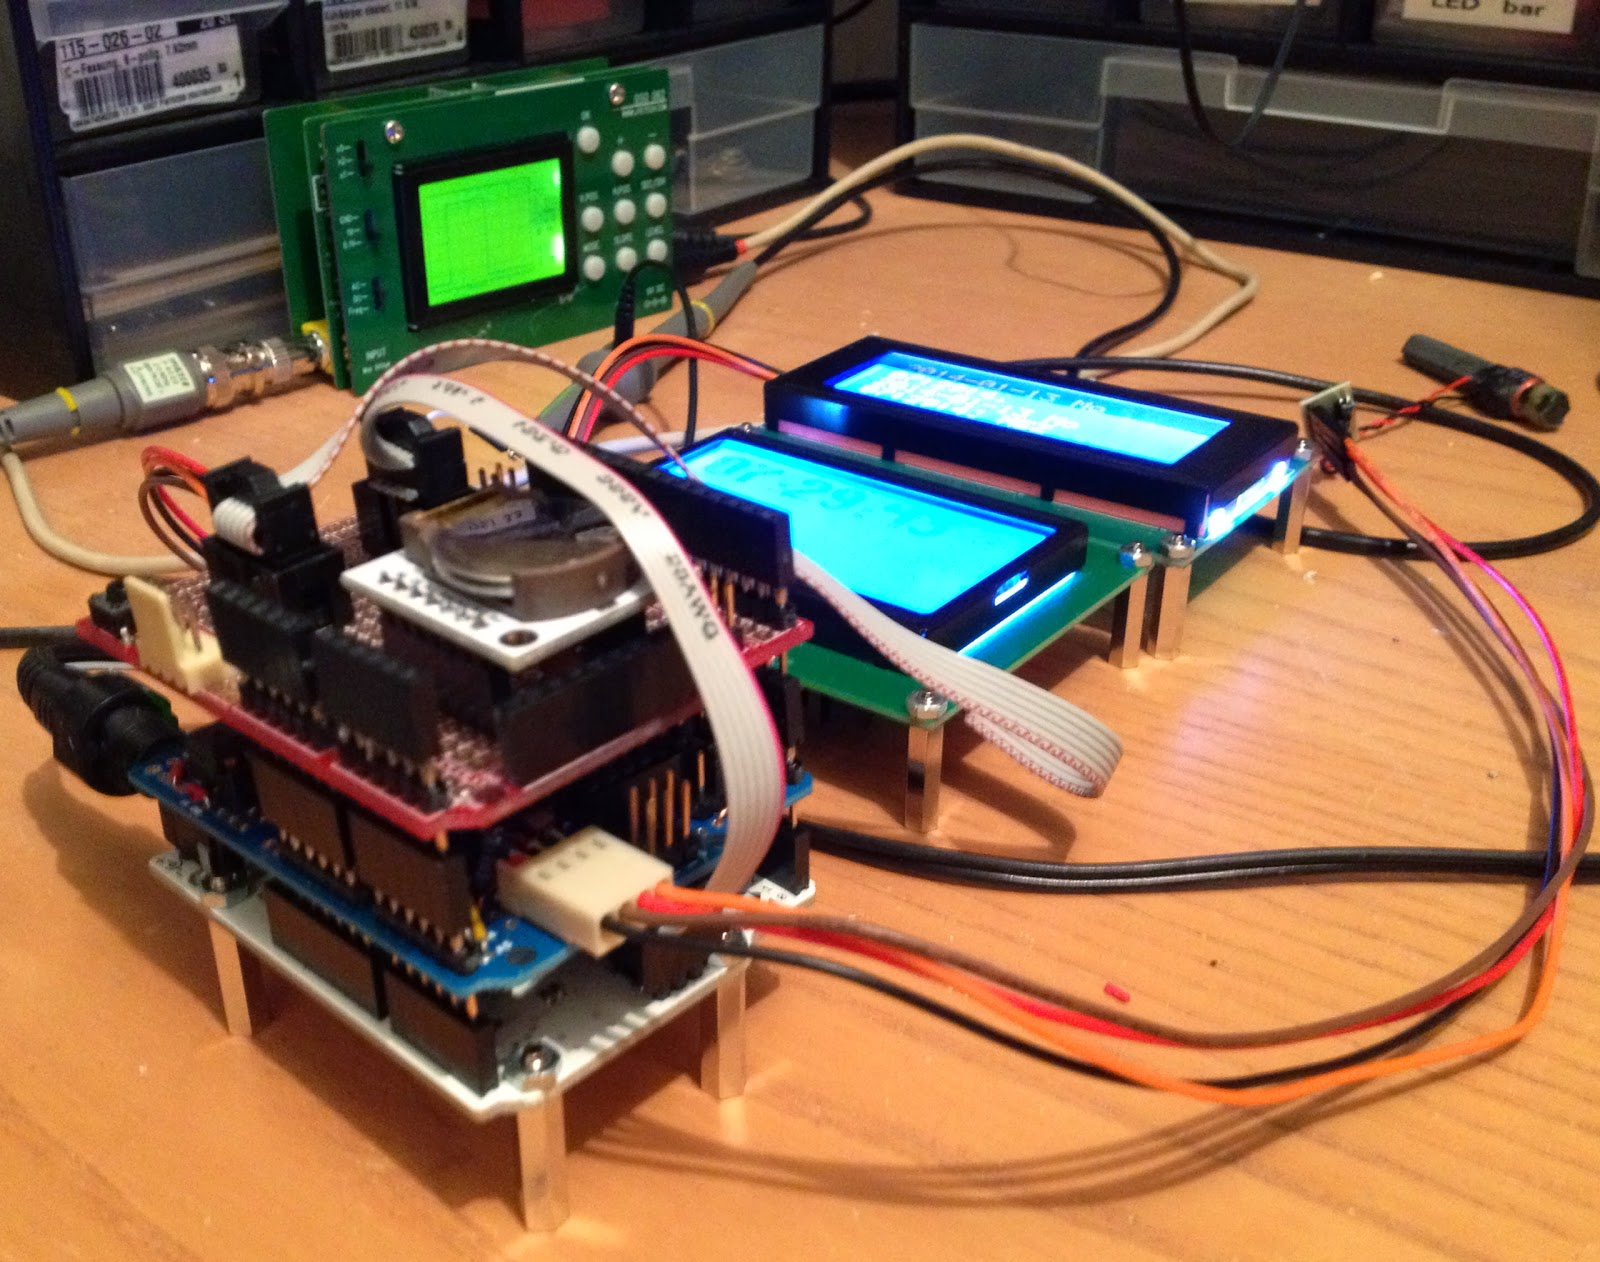 thd arduino projekte arduino dcf77 mit glcd 128x64 display. Black Bedroom Furniture Sets. Home Design Ideas